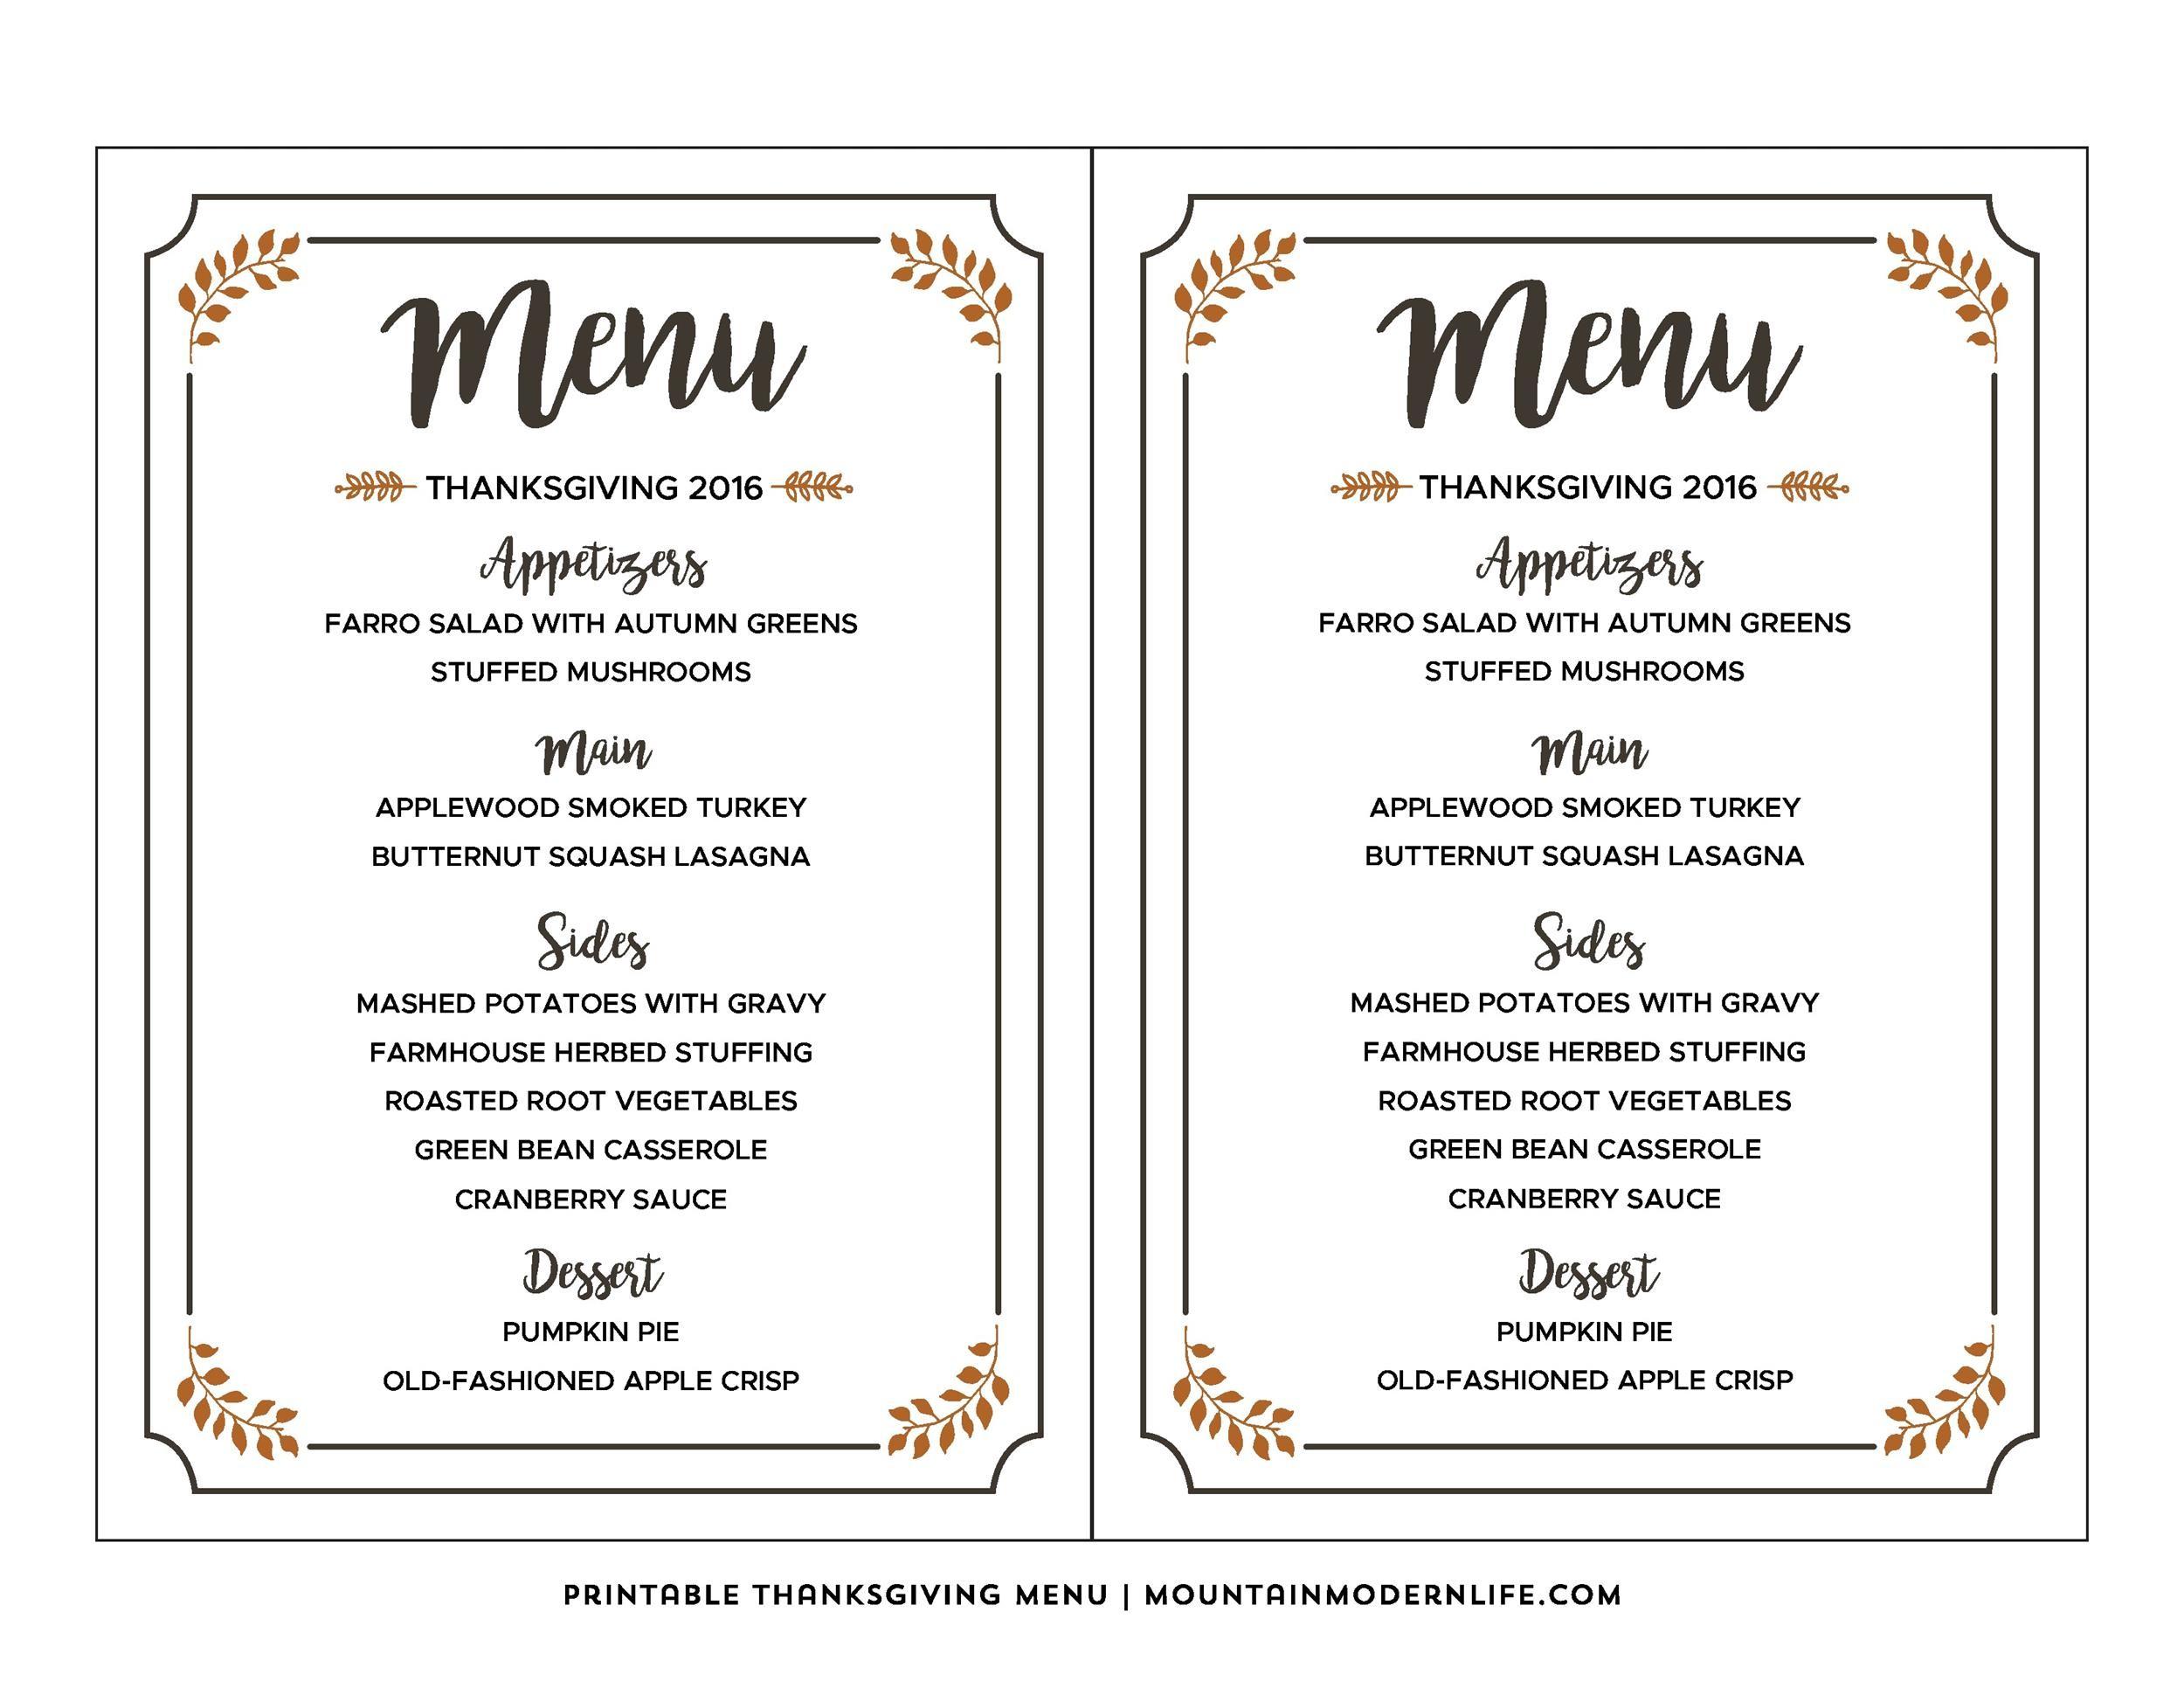 Free thanksgiving menu template 02